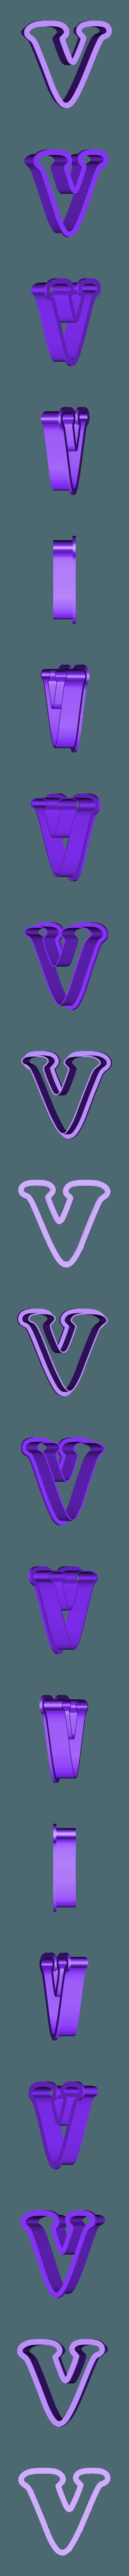 v.stl Download free STL file A-Z alphabet cookie cutter • 3D printer design, BlackSand3DMaker